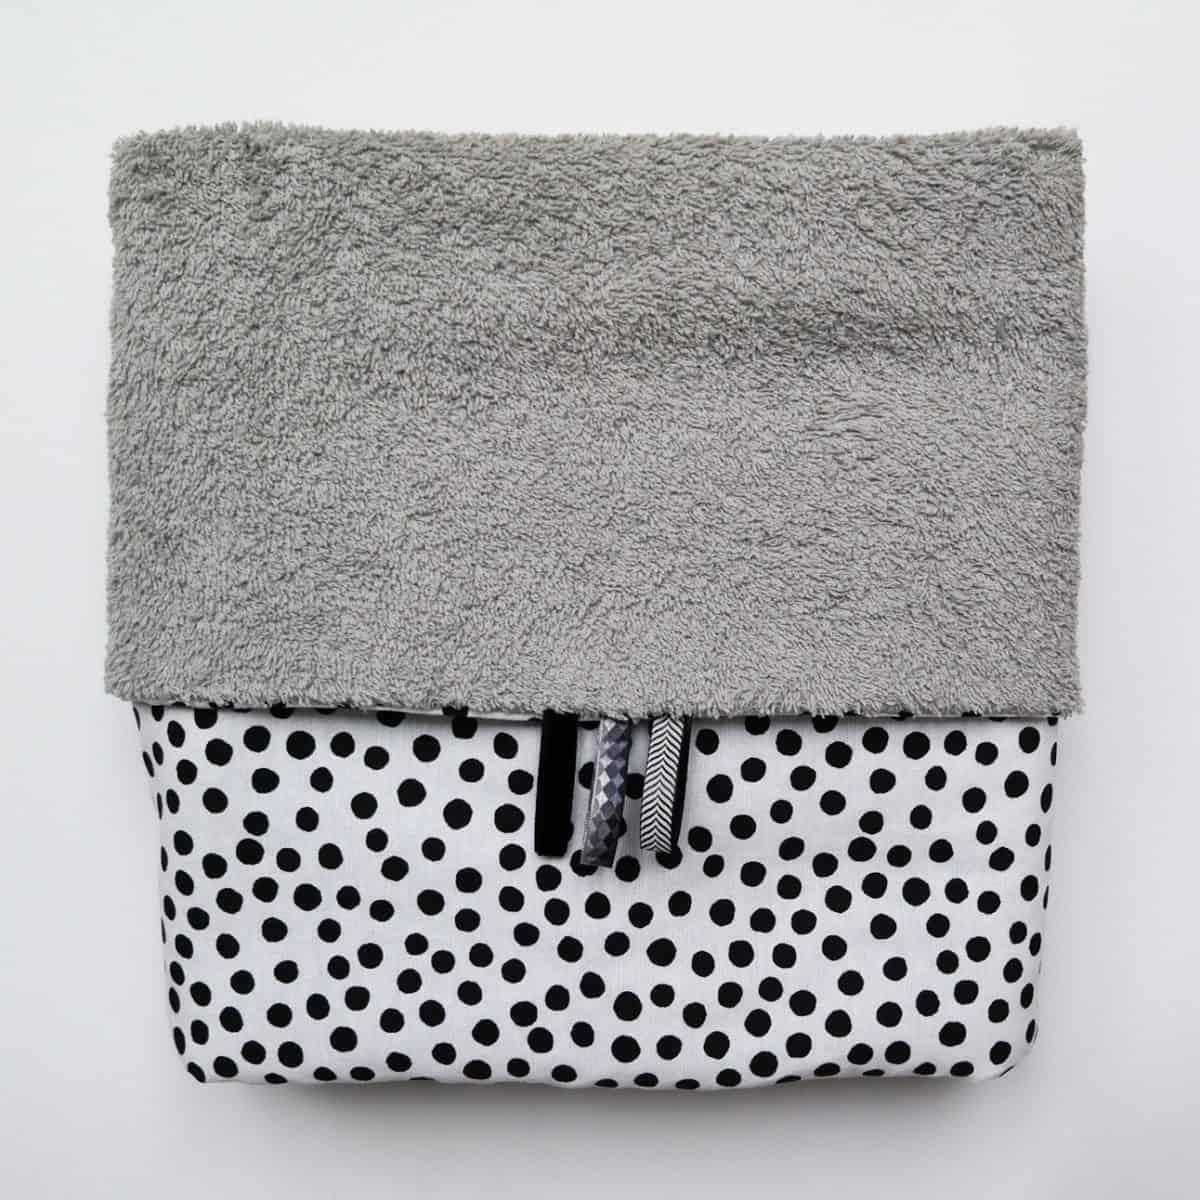 Wikkeldoek in grijs badstof met zwarte stippen